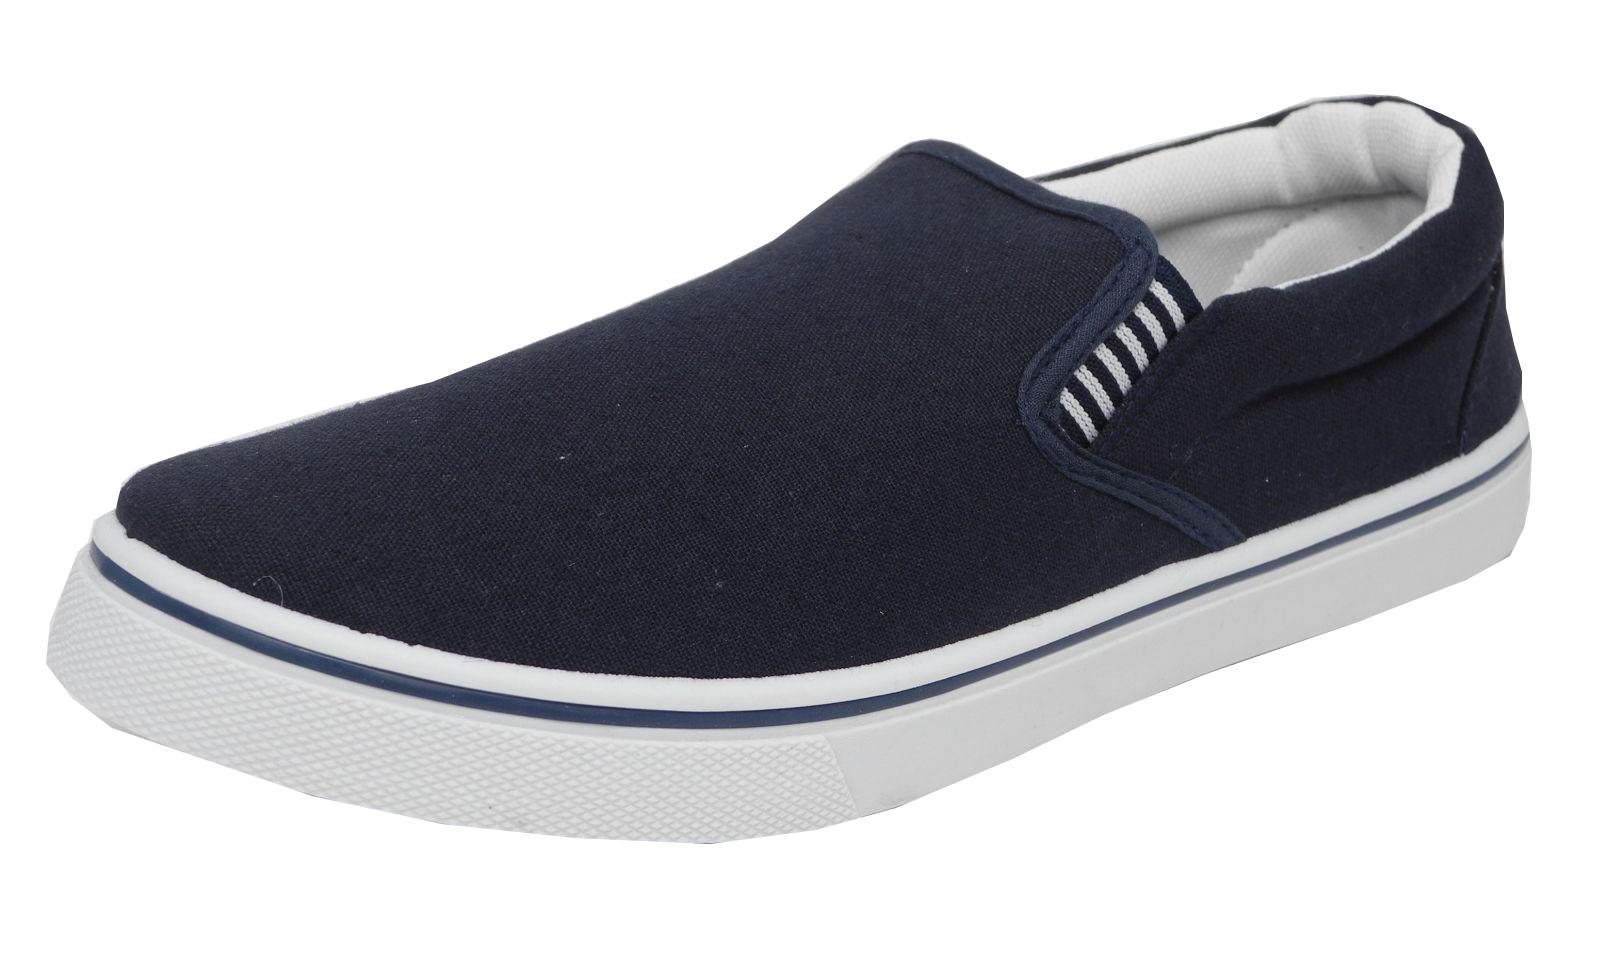 Comfy Mens Boat Shoes